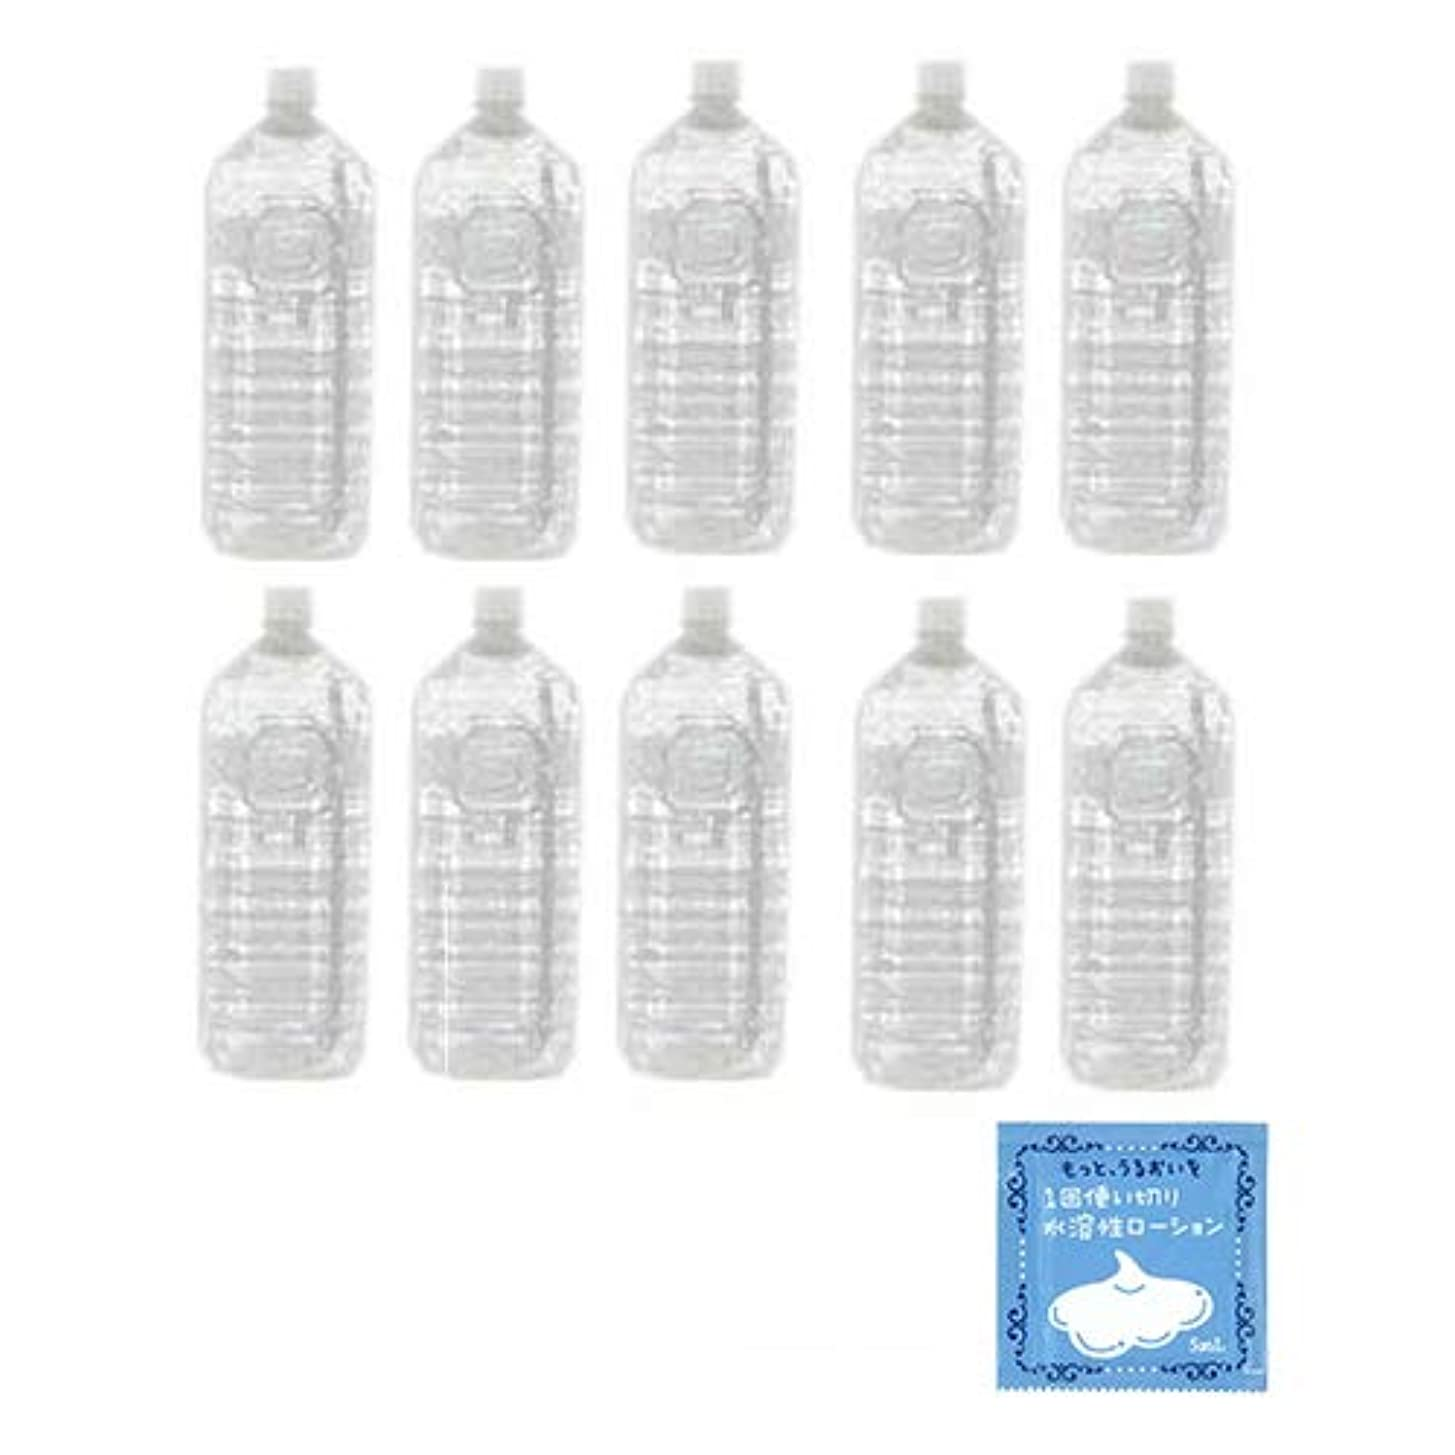 反響するクローゼットブレーキクリアローション 2Lペットボトル ハードタイプ(5倍濃縮原液) × 10本セット+ 1回使い切り水溶性潤滑ローション